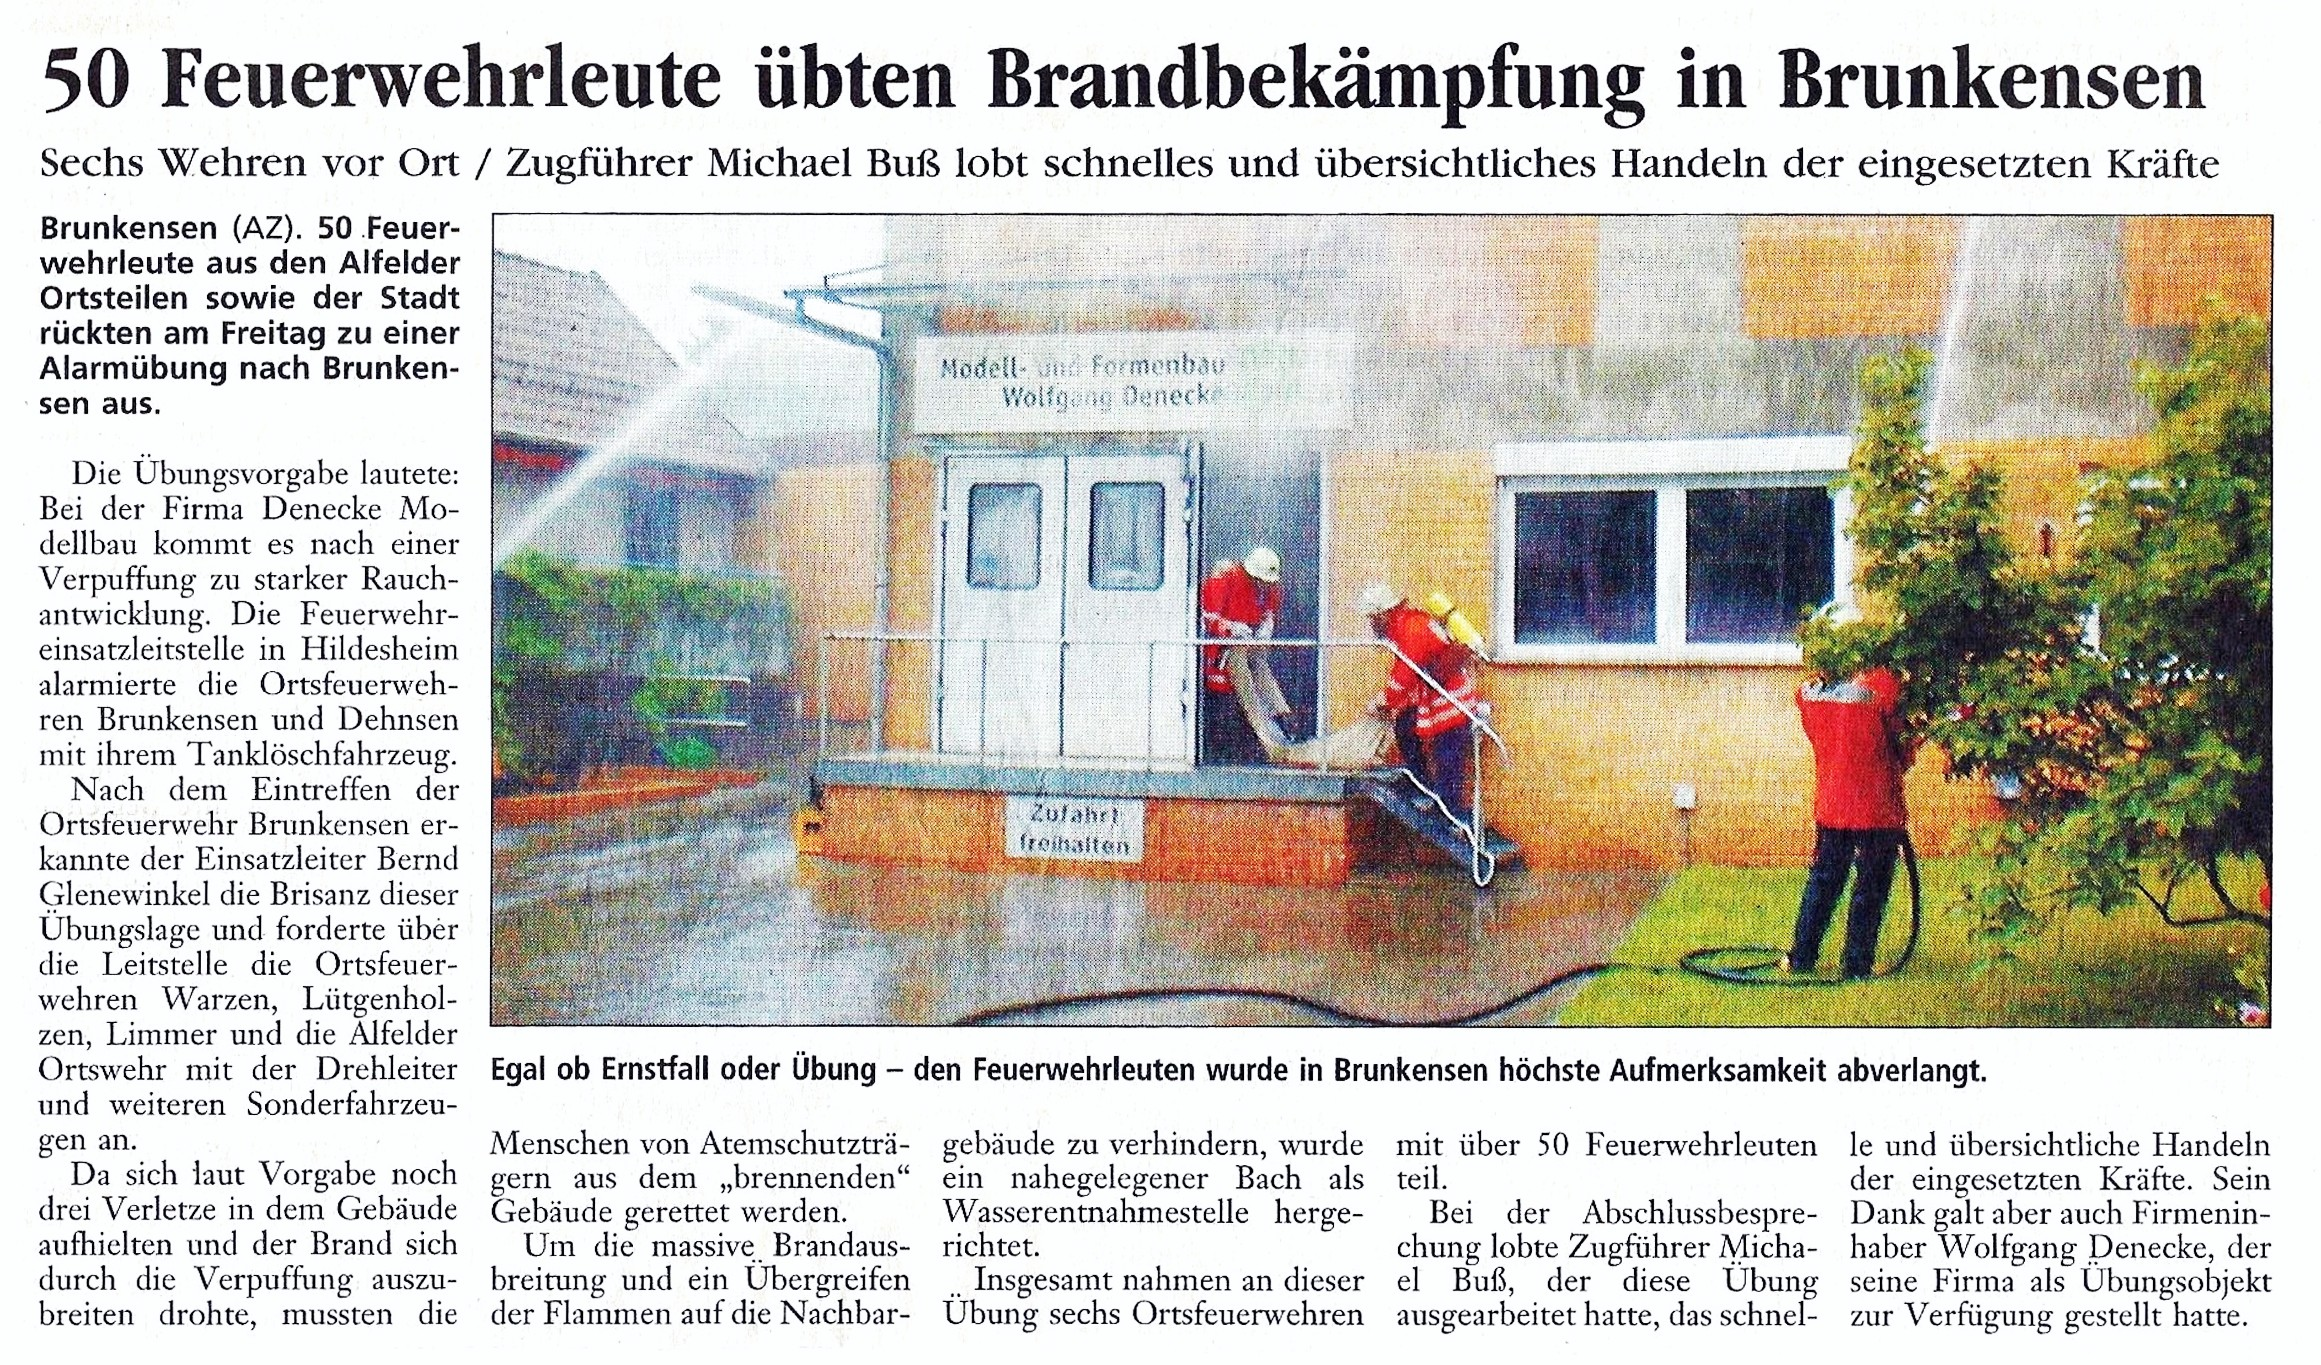 2002-07-02 50 Feuerwehrleute übten Brandbekämpfung in Brunkensen